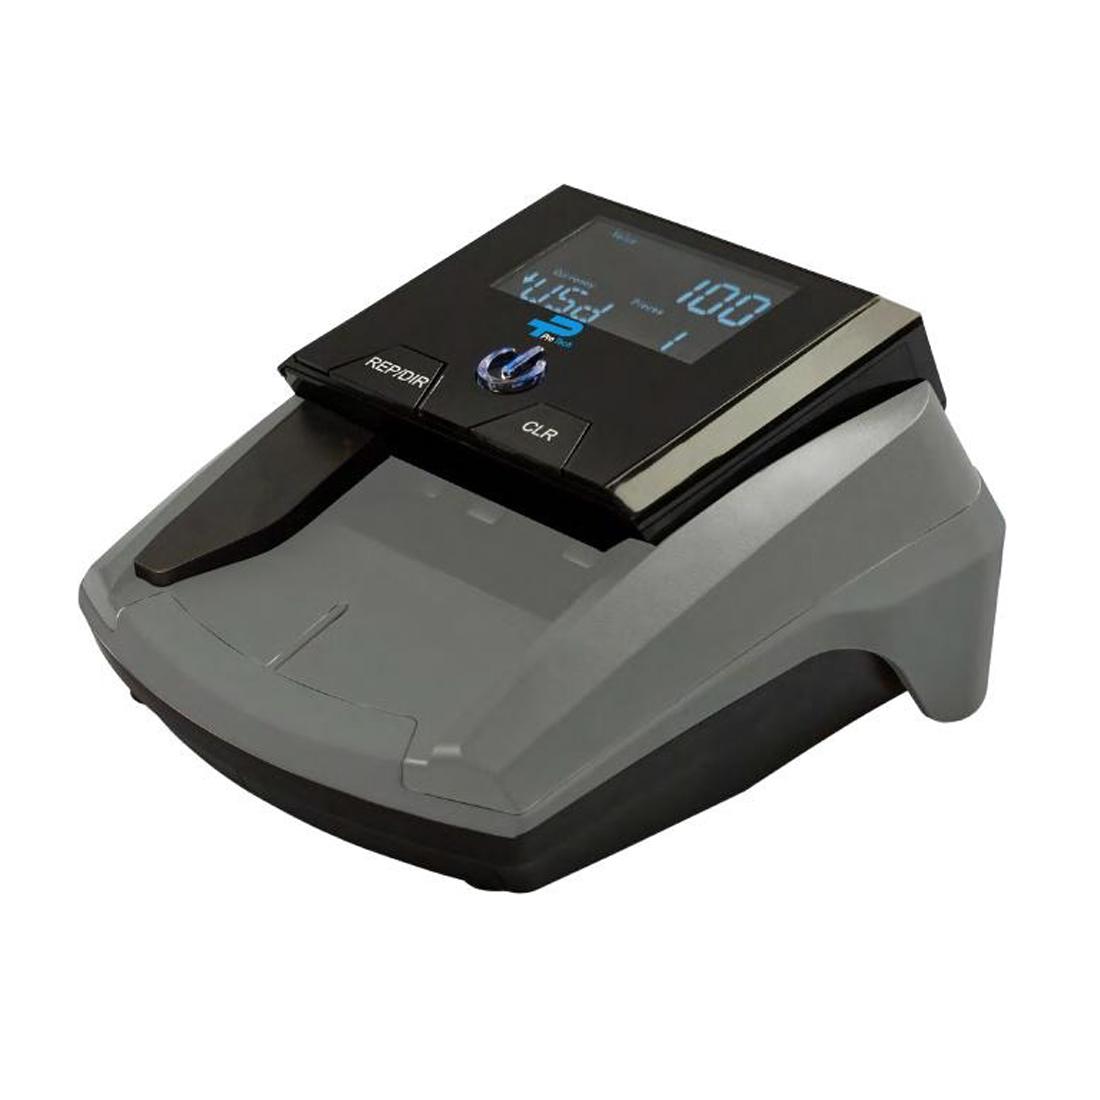 دستگاه تشخیص اصالت اسکناس پروتک مدل PD-100